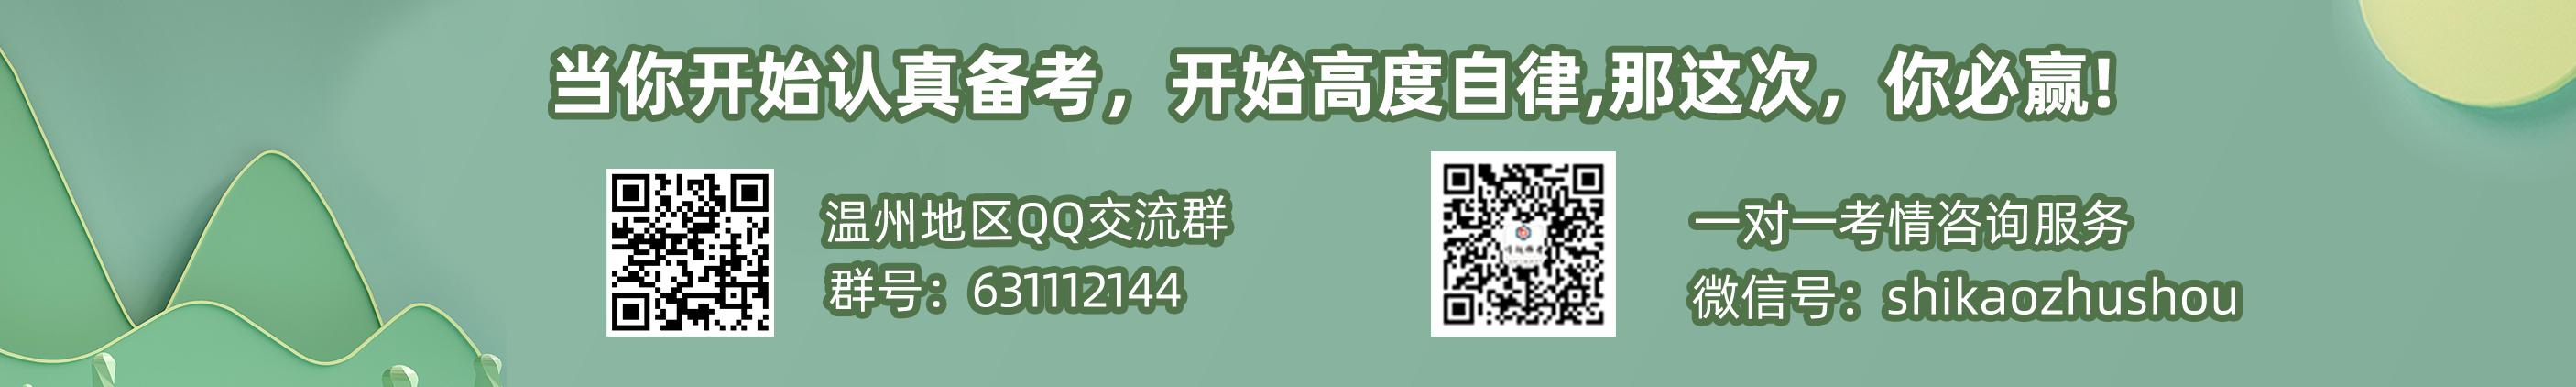 网页小banne温州.png